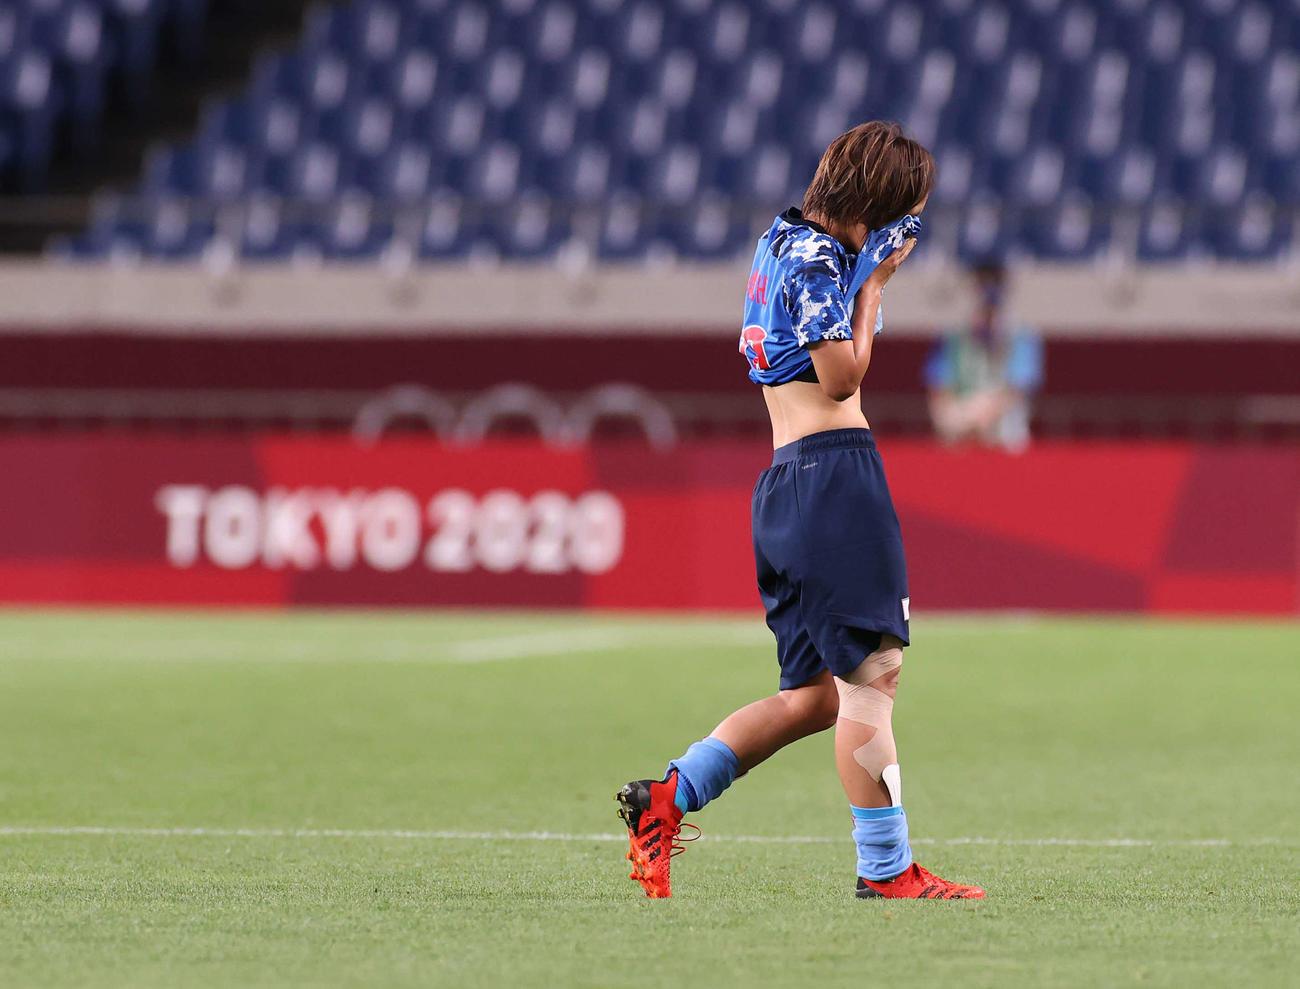 日本対スウェーデン 試合終了後、ユニホームで顔を覆い、悔しがる岩渕(撮影・河野匠)